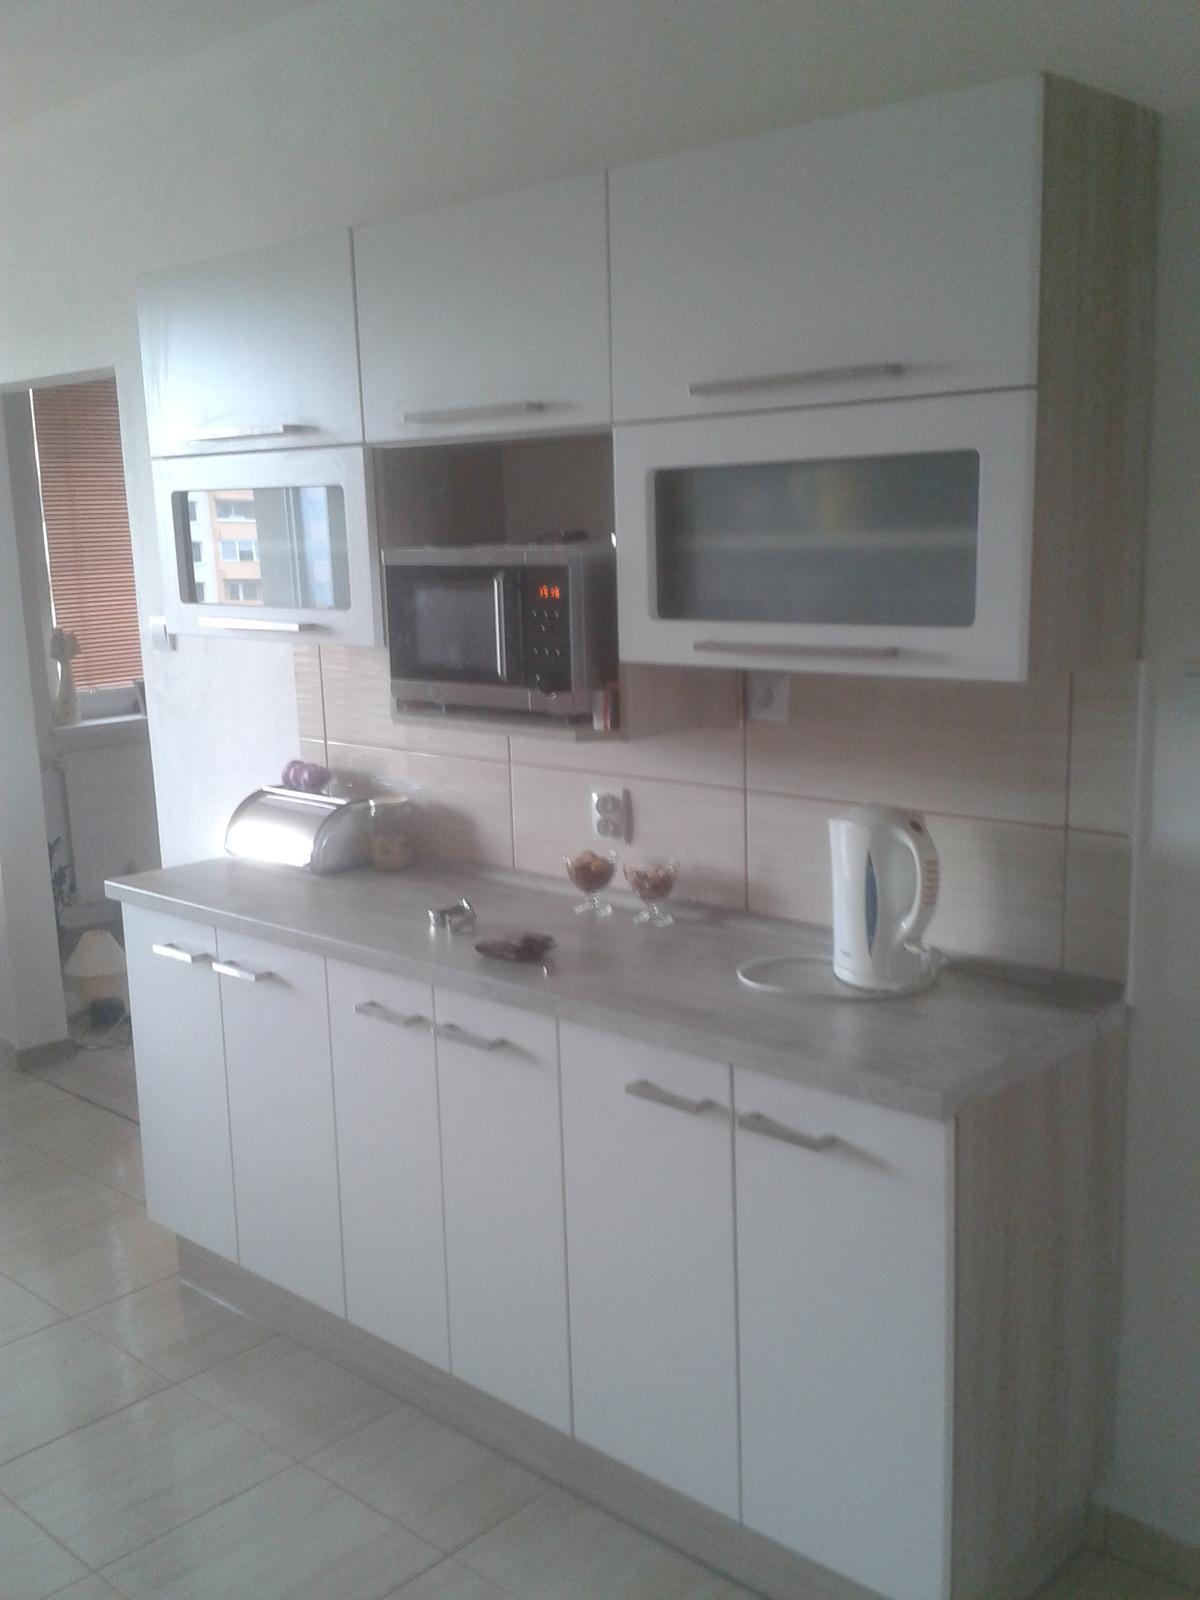 Prerábka bytu - druha strana kuchynskej linky zavesená na obývačkovej stene